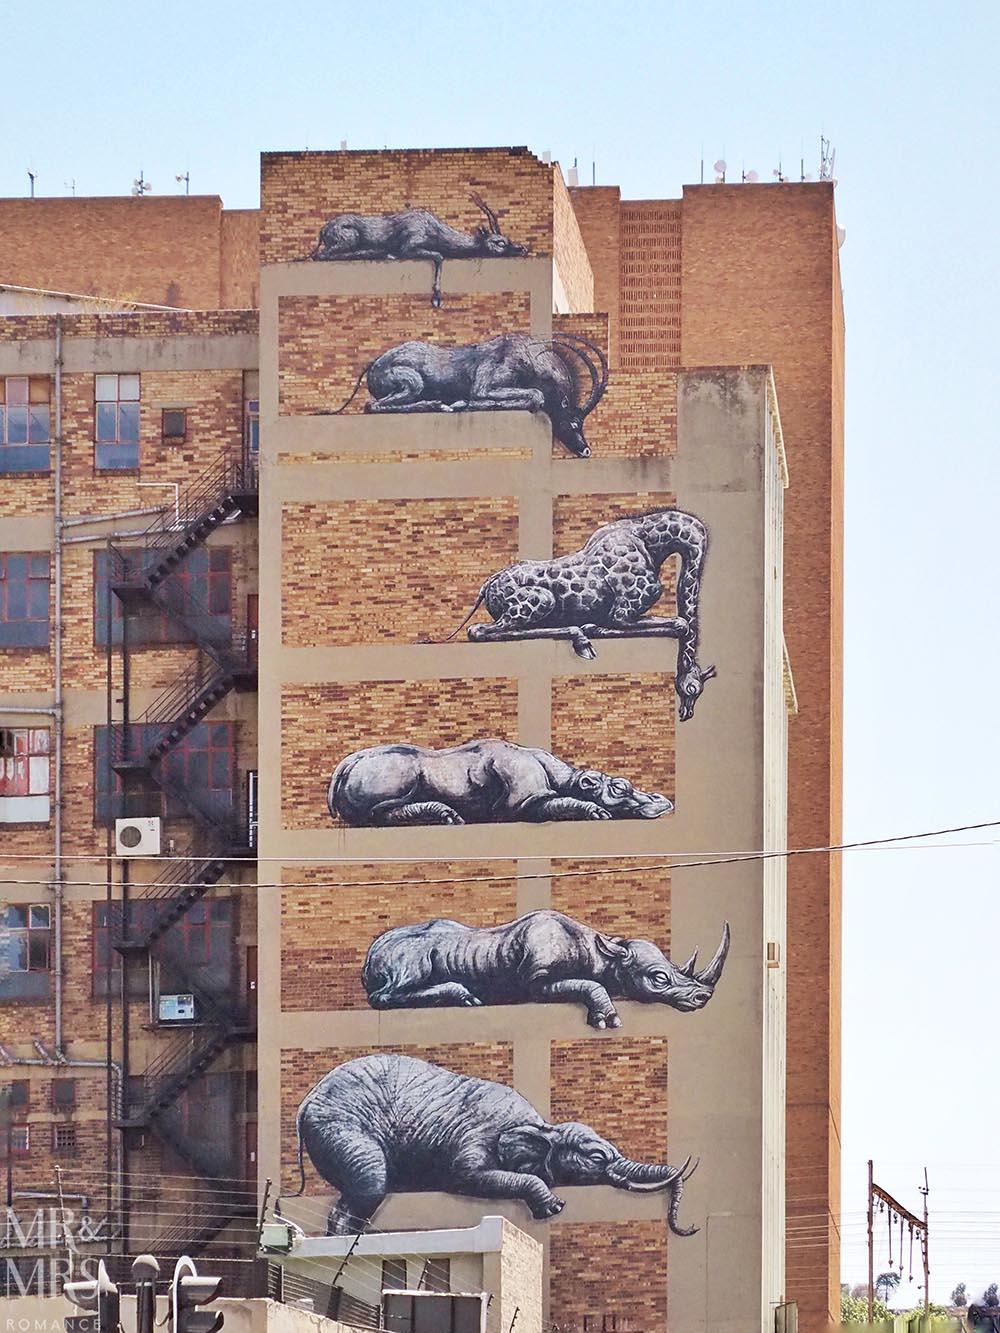 South Africa Tourism - Maboneng street art Johannesburg